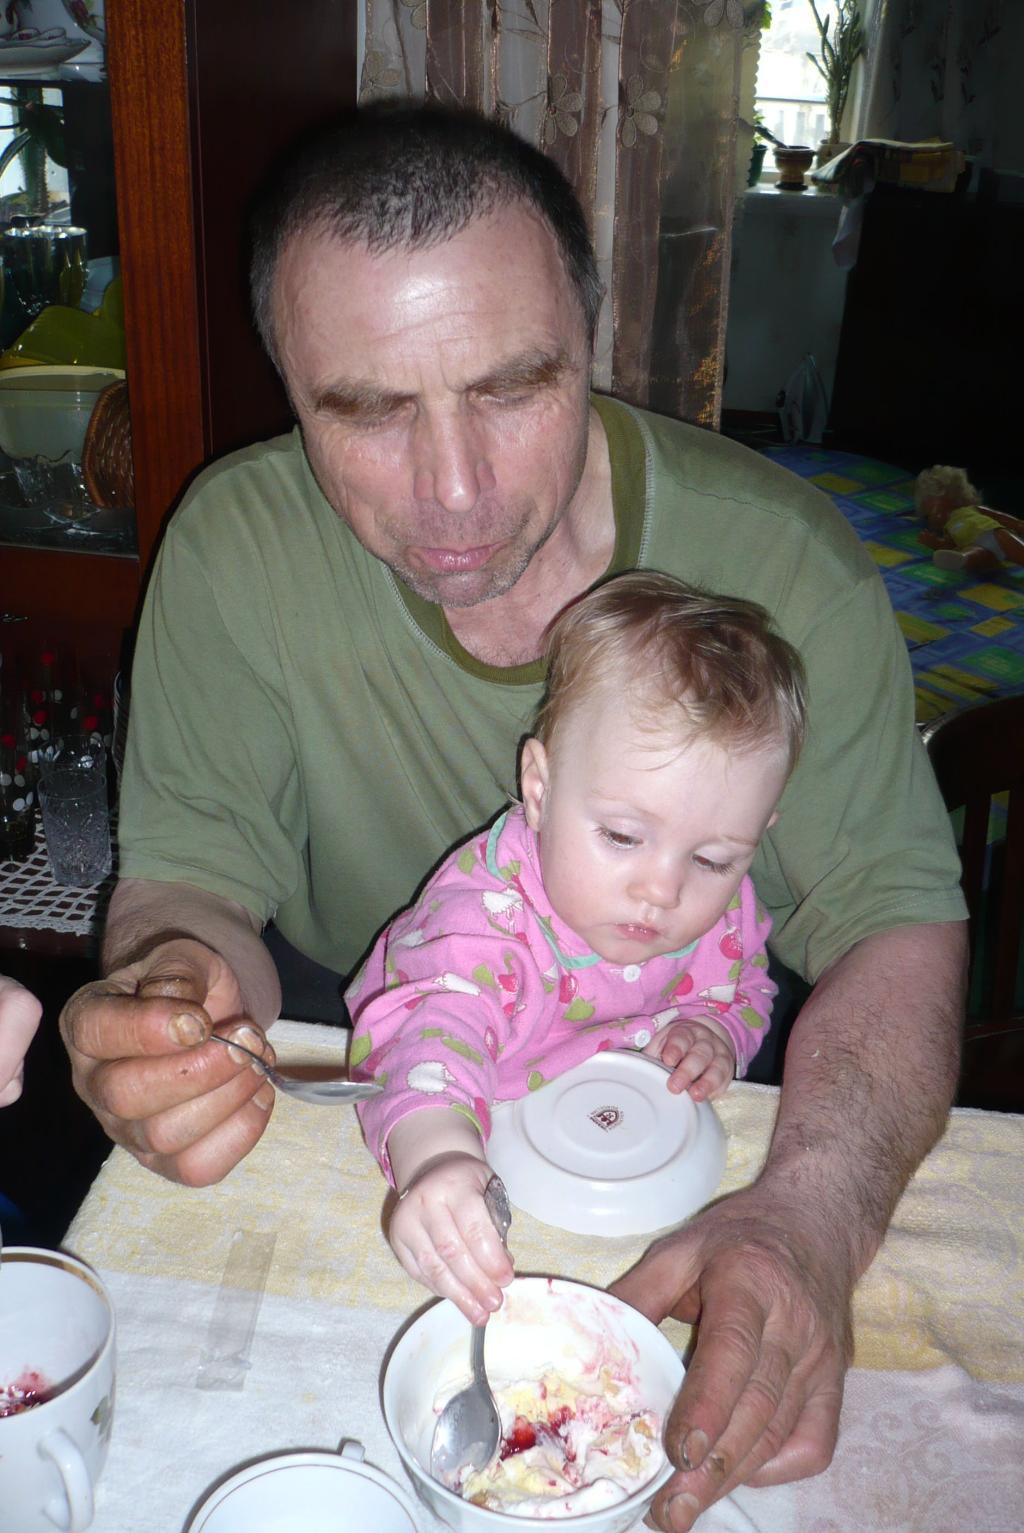 Дедуля, дай ещё ложечку мороженого!. Стар и мал